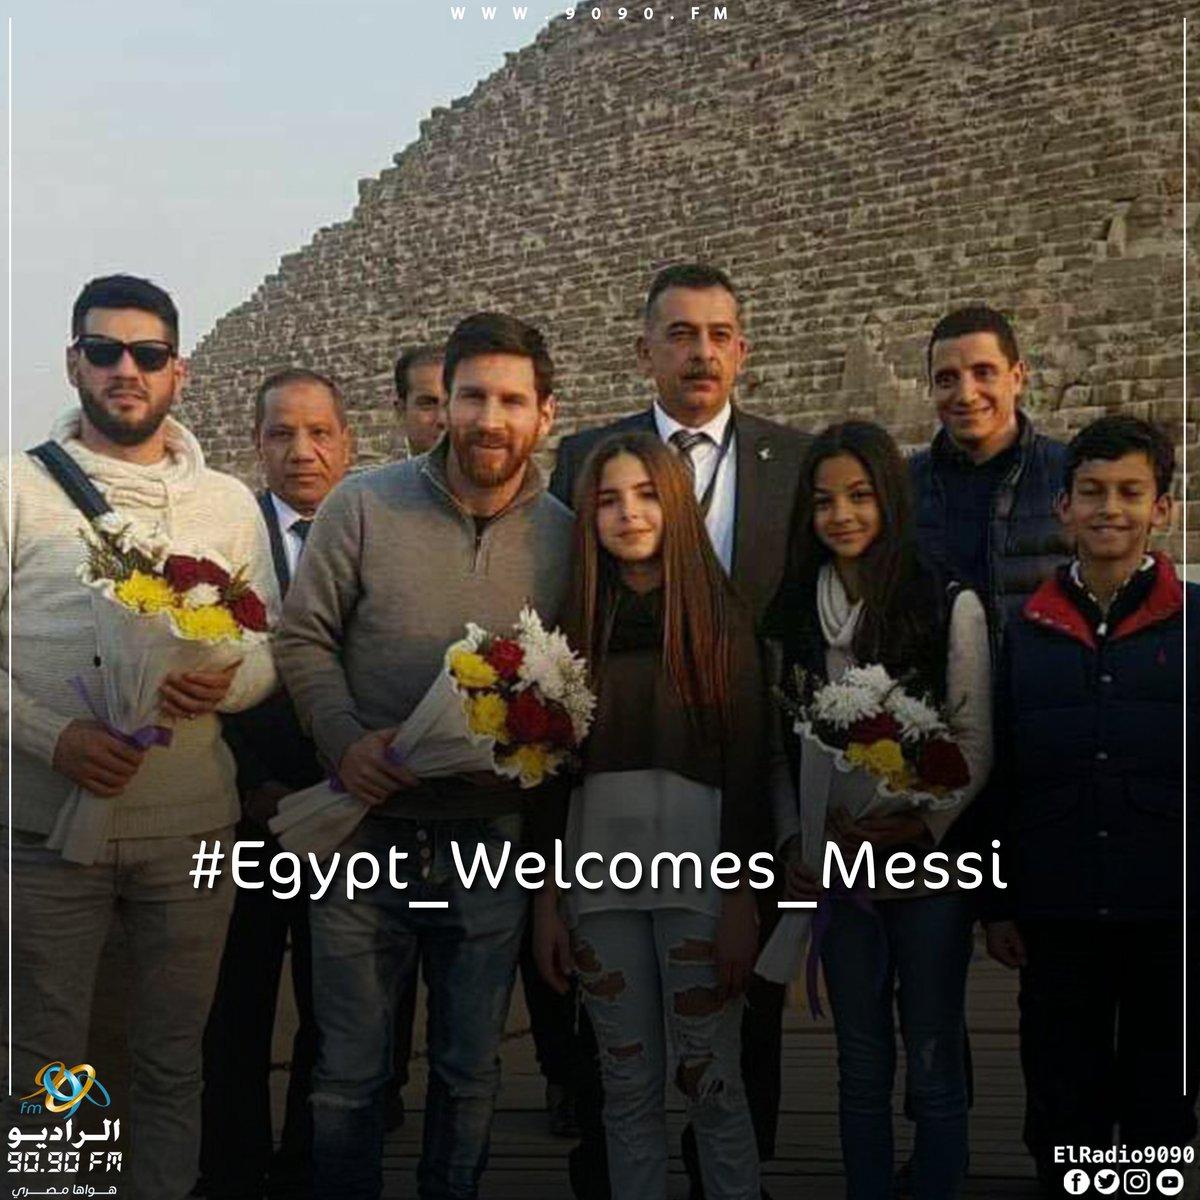 هاشتاج #Egypt_Welcomes_Messi الأكثر تداولاً على تويتر.. https://t.co/7...